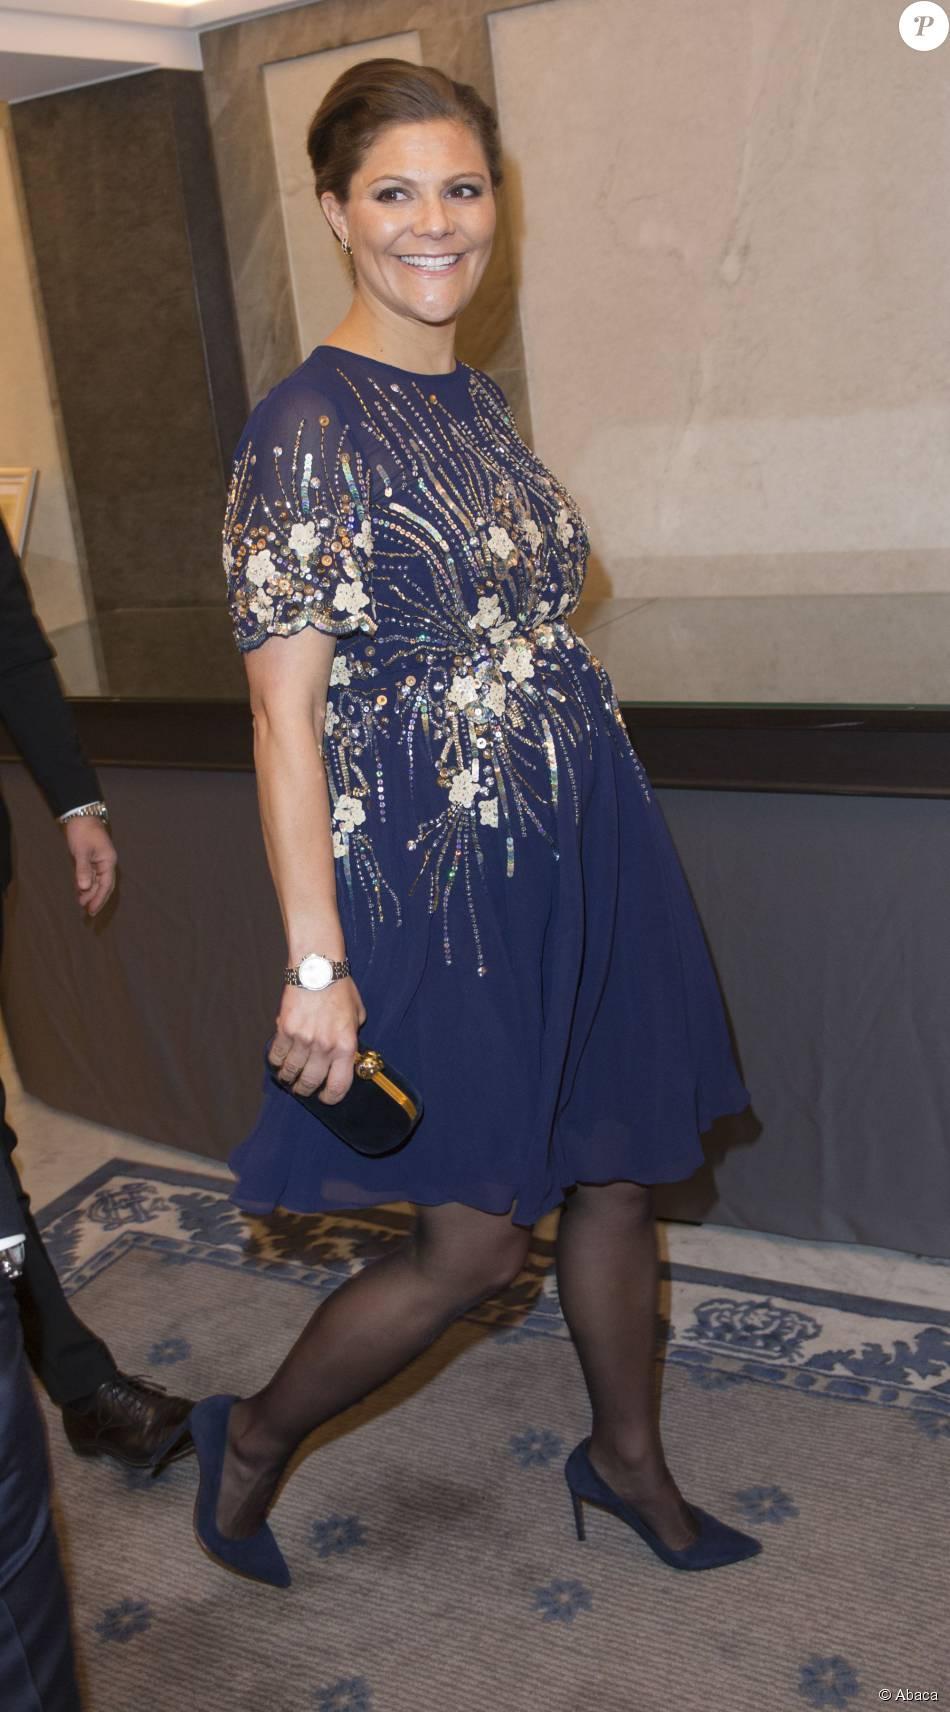 La princesse Victoria de Suède, enceinte, prenait part avec son époux le prince Daniel au dîner offert par le président de la Tunisie Beji Caid Essebsi et sa femme Saïda au Grand Hôtel à Stockholm le 5 novembre 2015